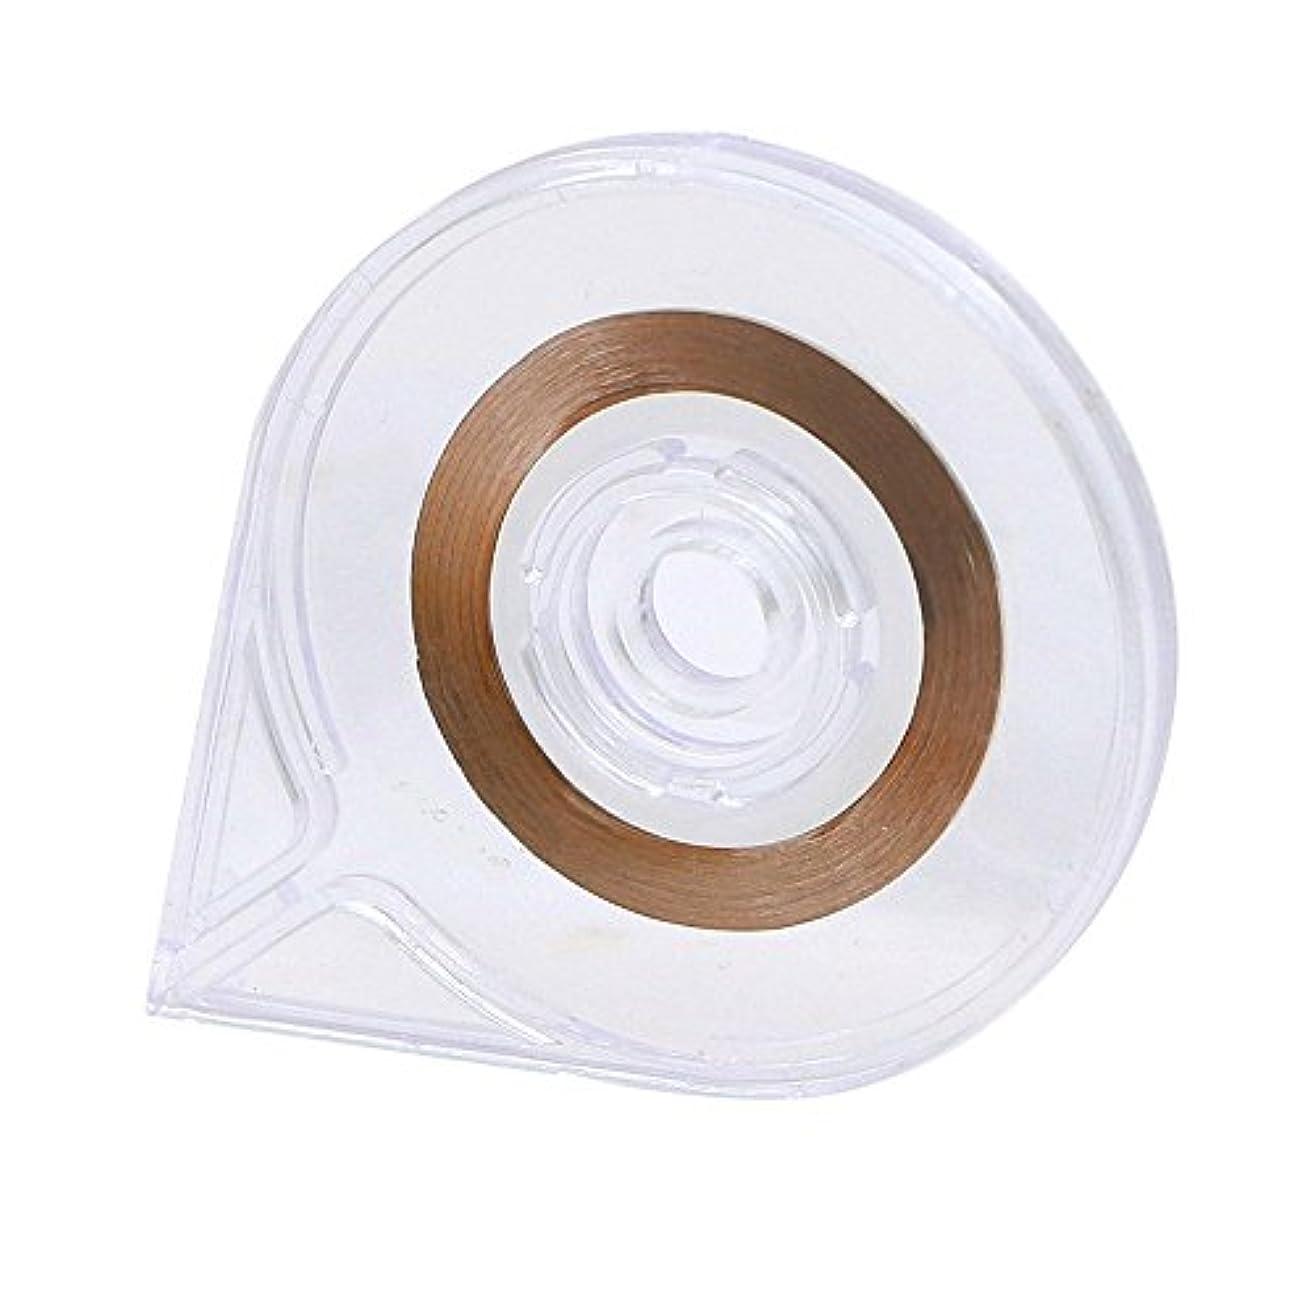 干し草談話信念SODIAL(R) ネイルアート ストライピングテープラインケースツールステッカーボックスホルダー 使いやすいデザイン